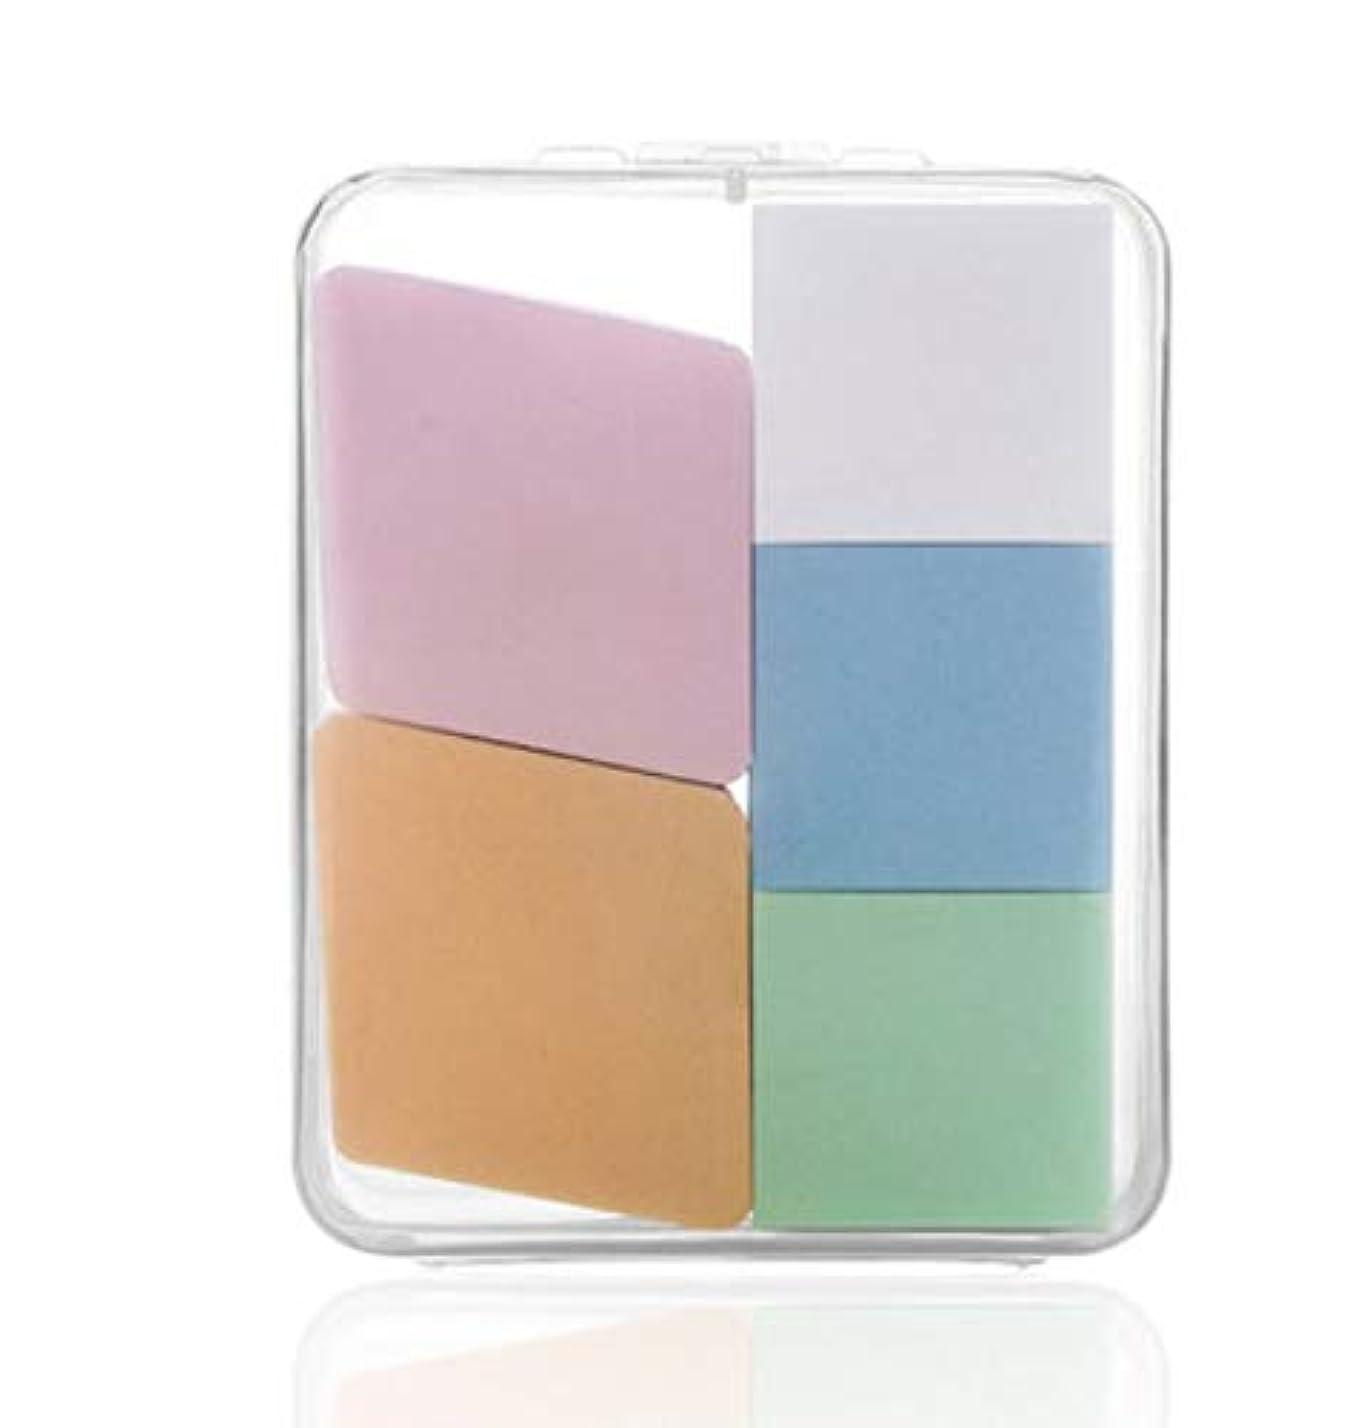 野心写真の役に立つ美容スポンジ、収納ボックス付きソフト化粧スポンジ美容メイク卵5パック